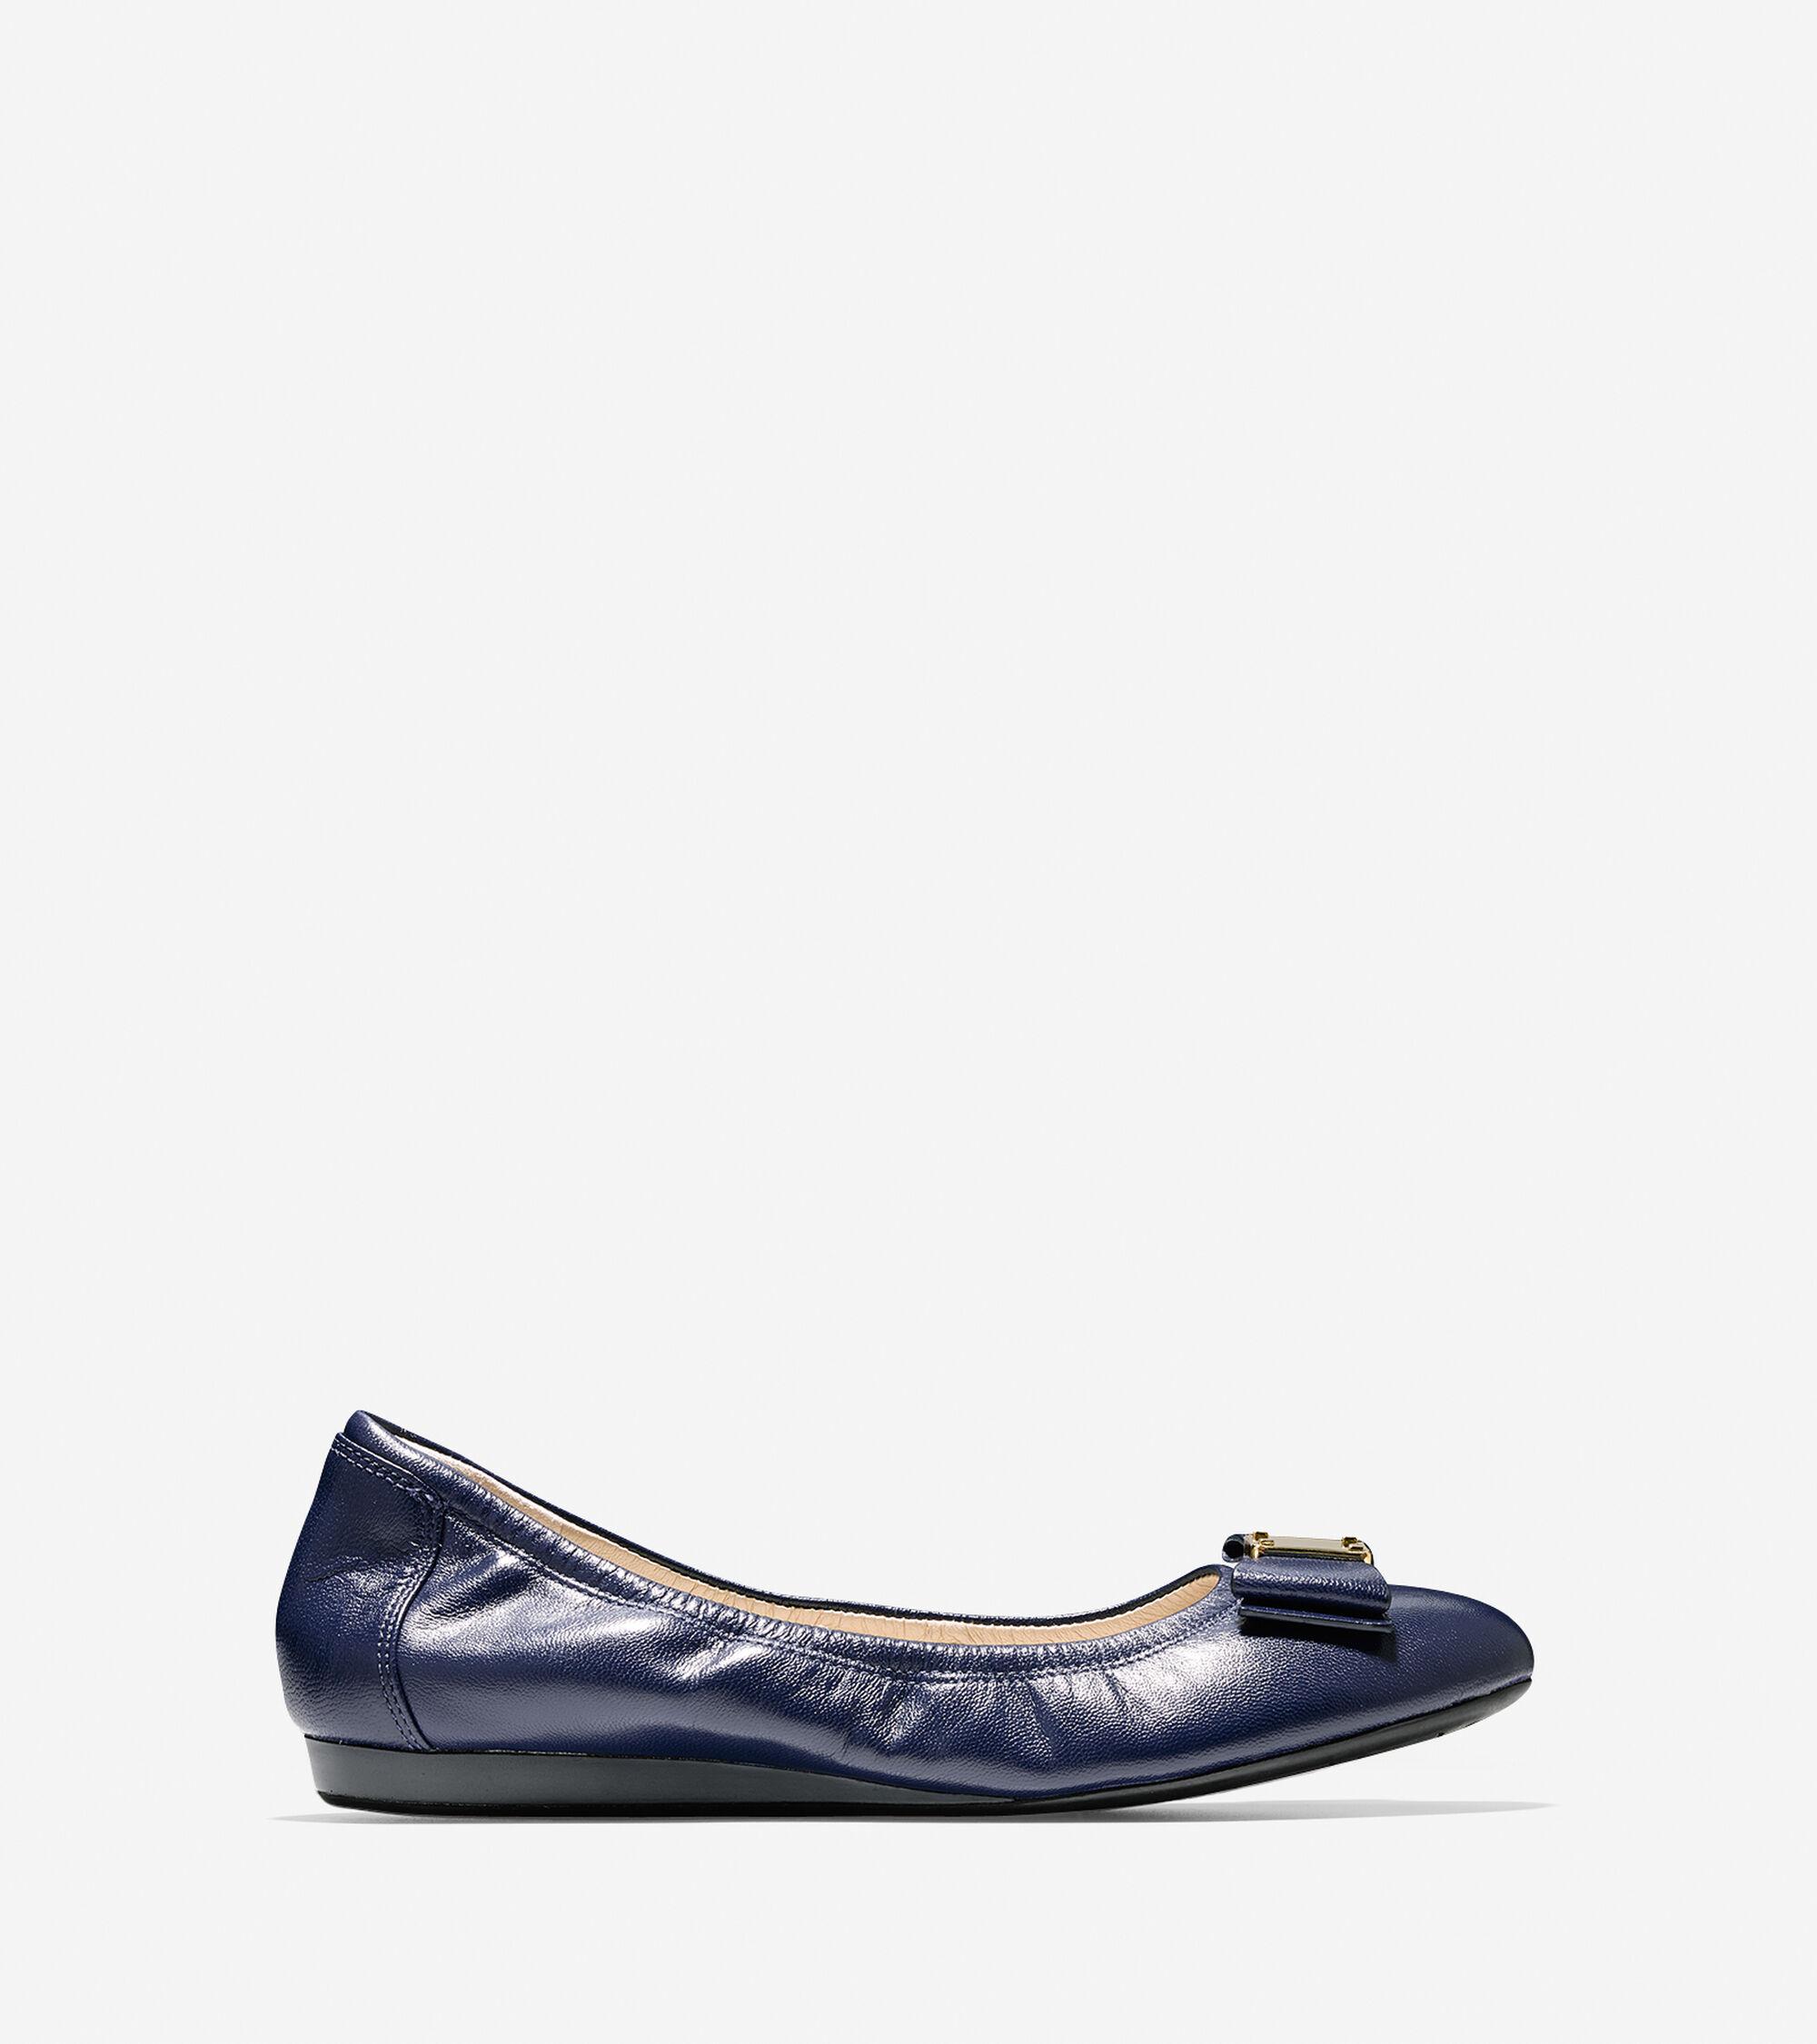 e2a9d812836 Women s Tali Bow Ballet Flats in Blazer Blue